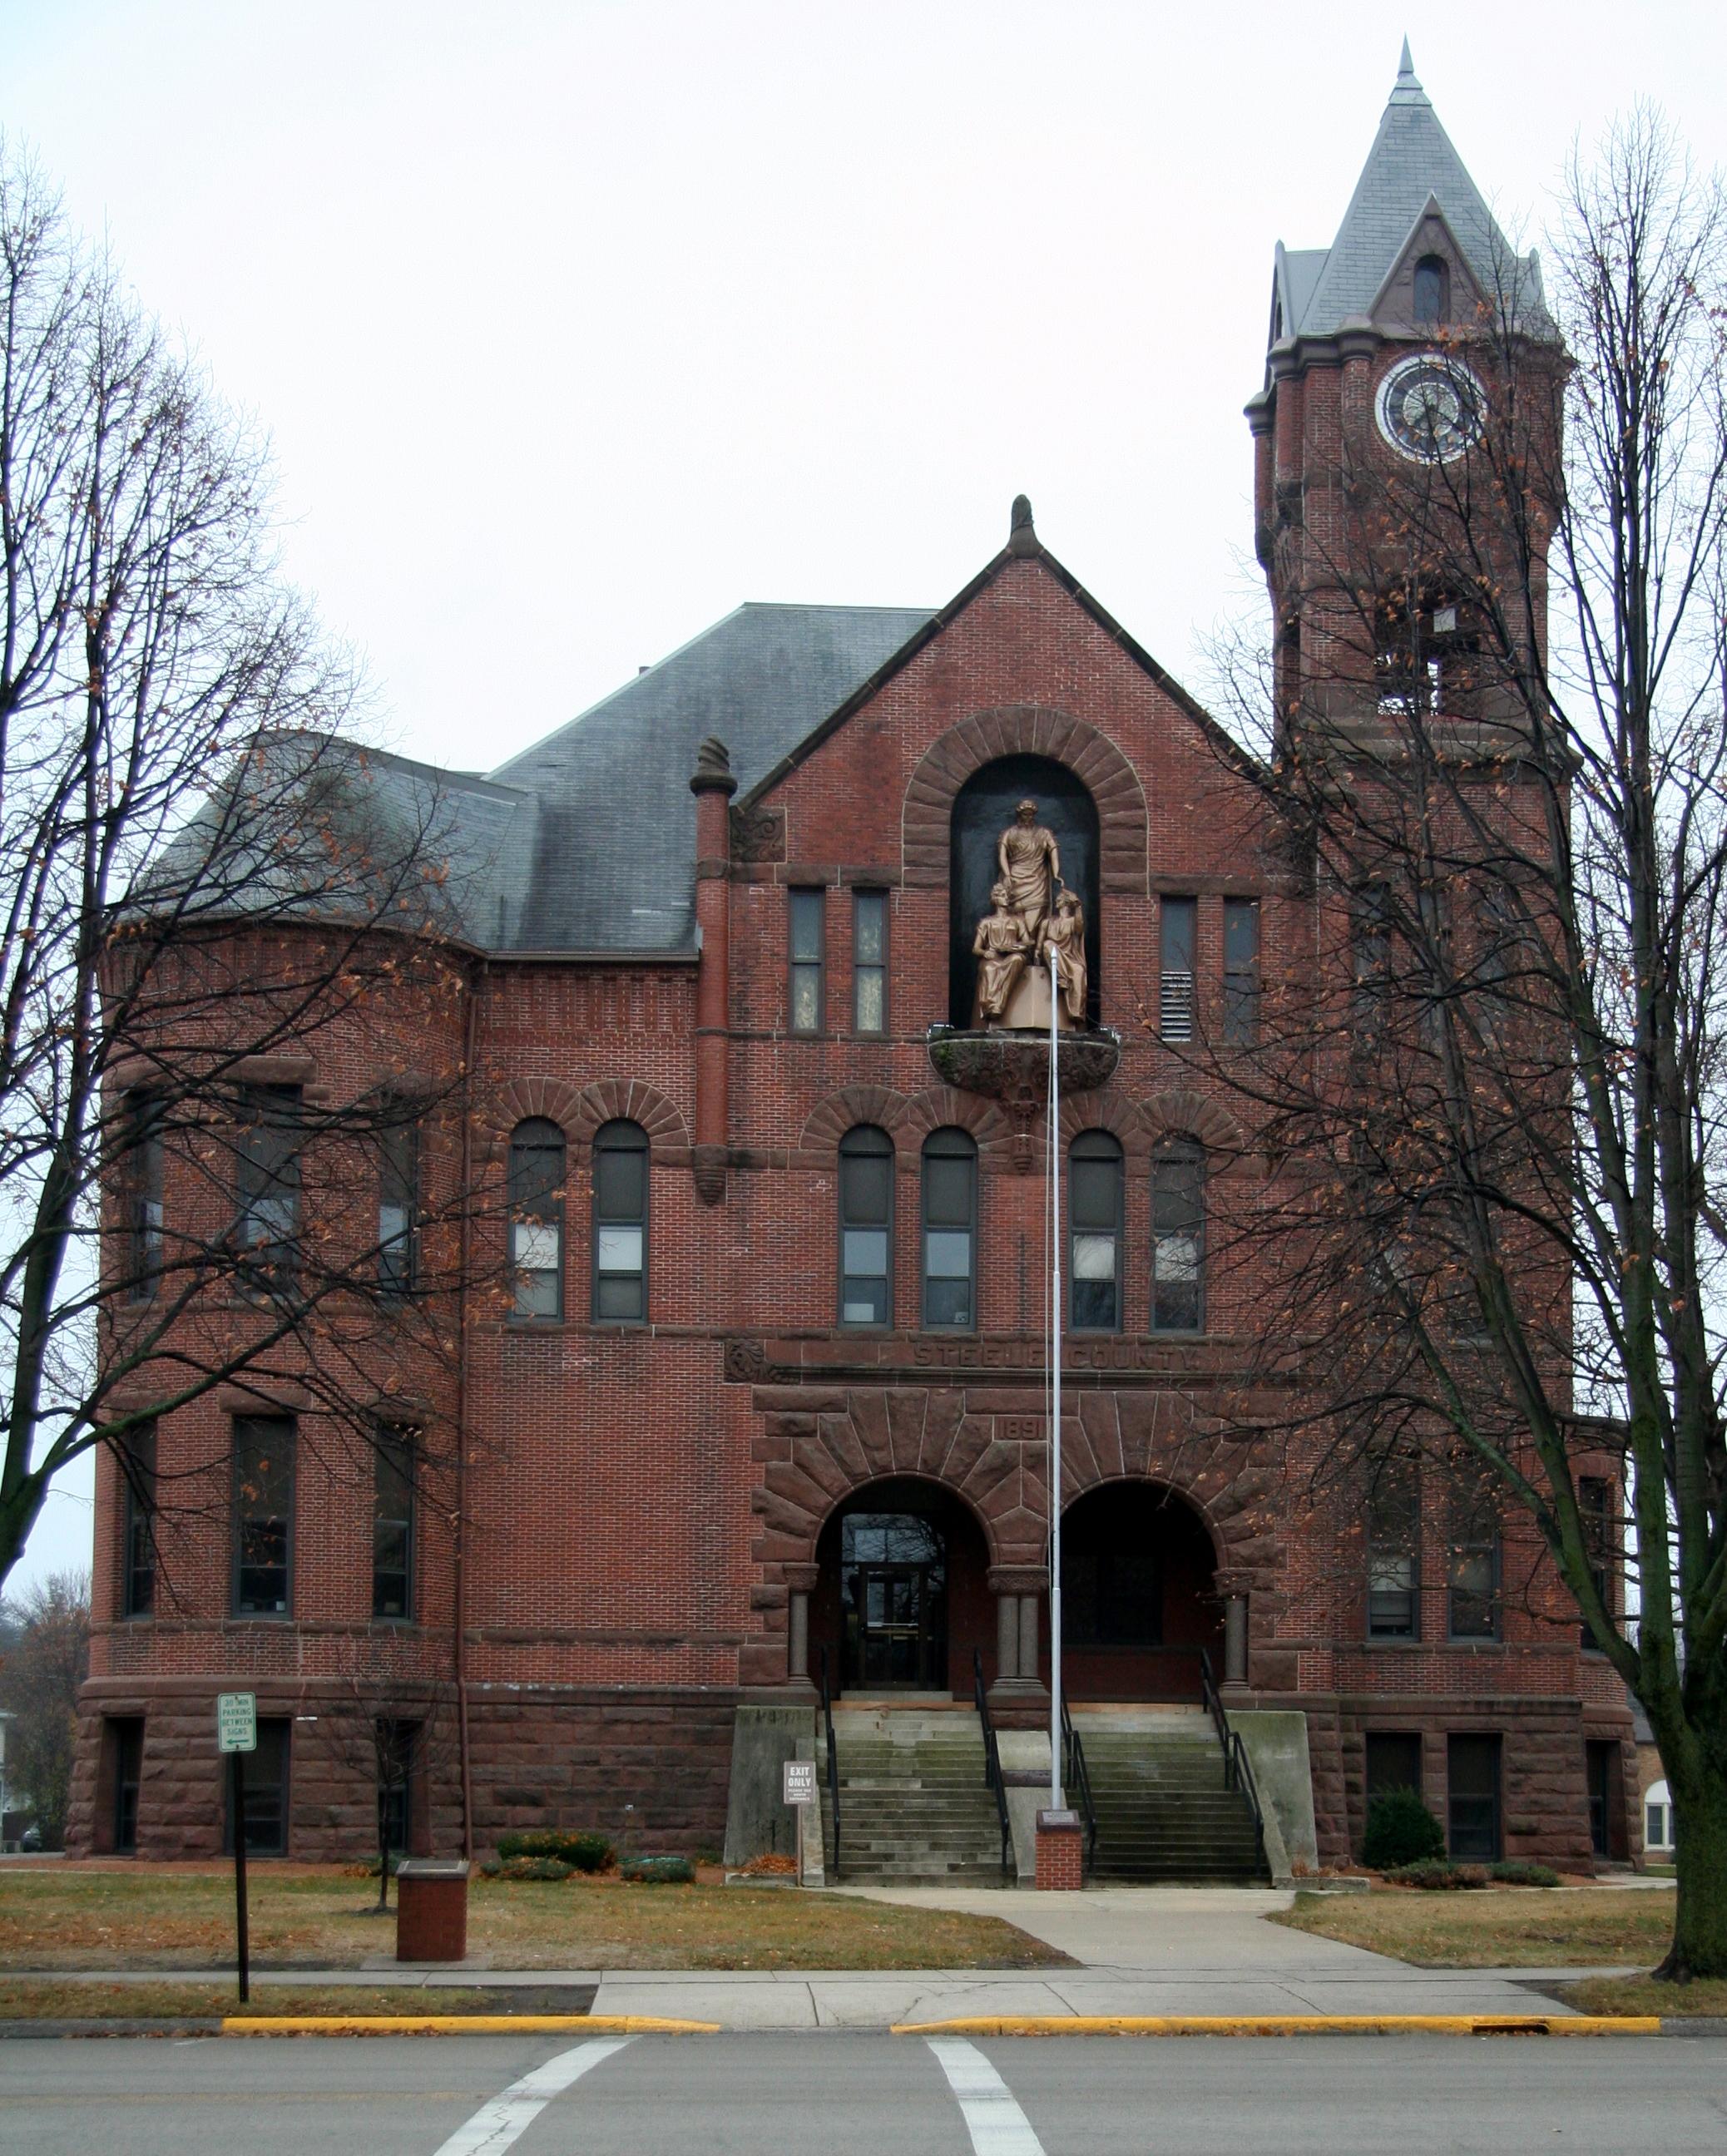 Steele County Courthouse (Minnesota) - Wikipedia